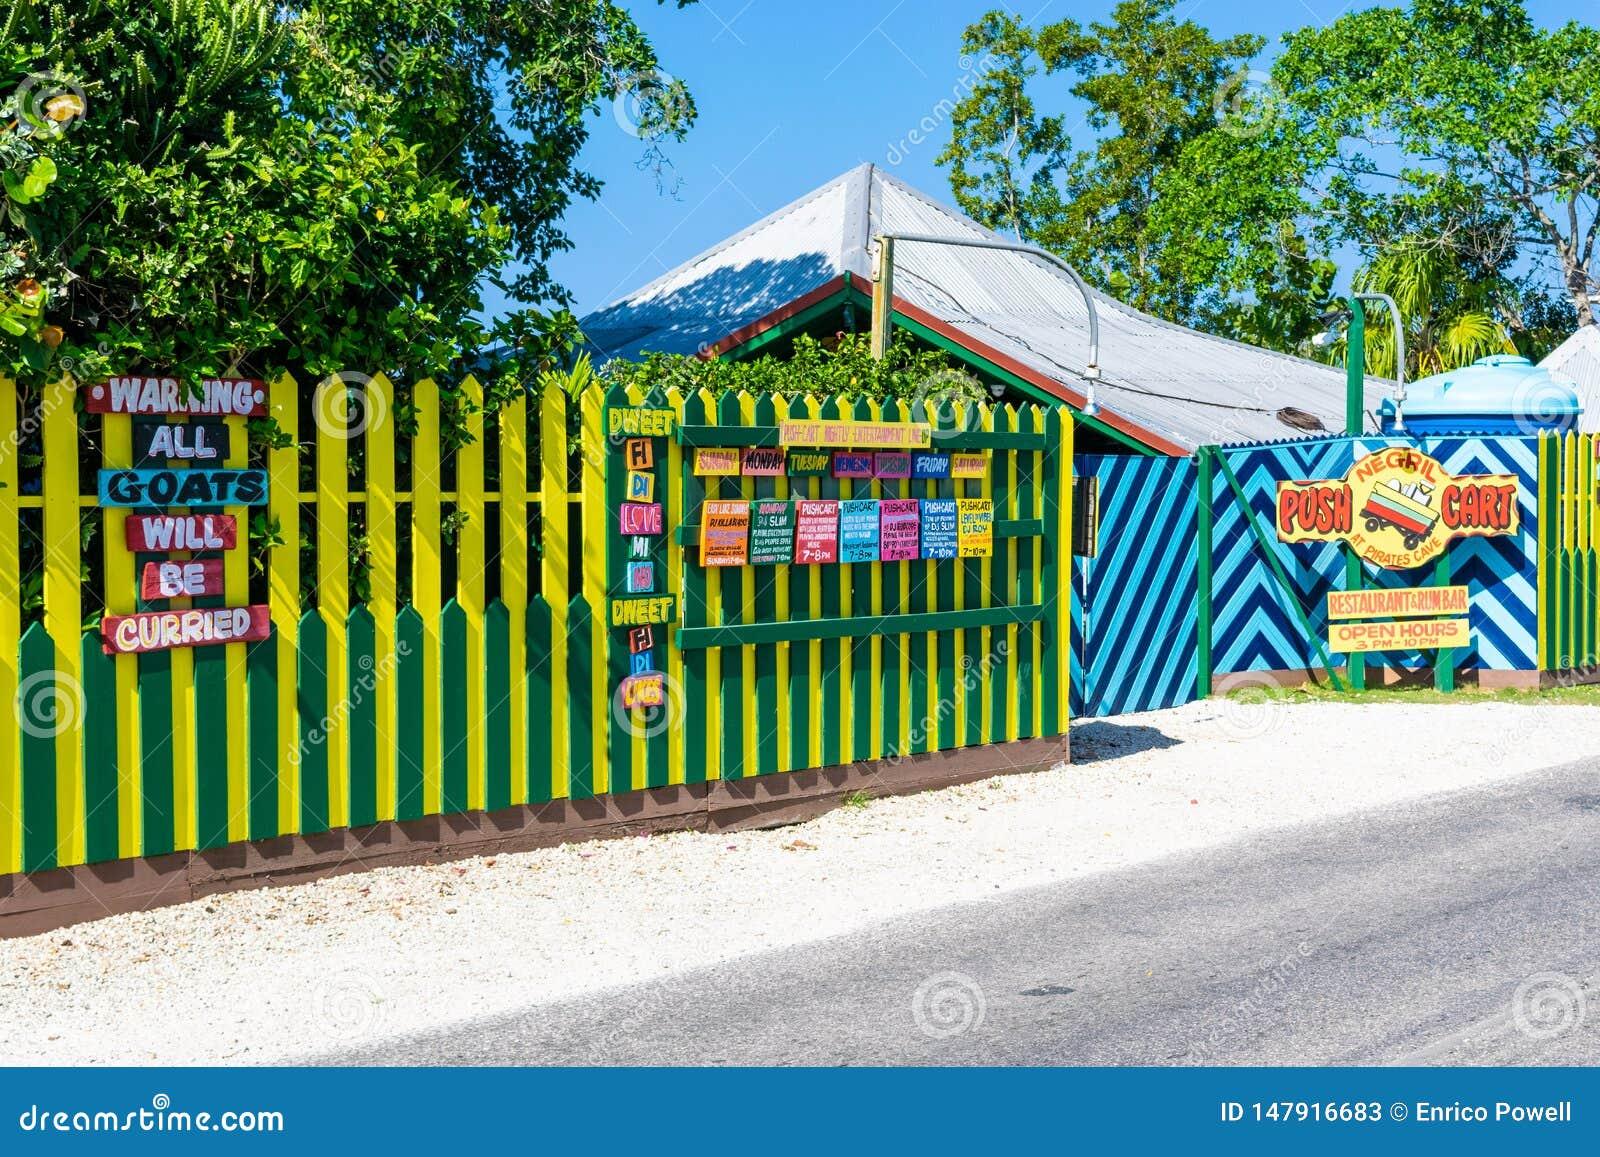 Ristorante del carretto di spinta e barra del rum sulle scogliere del West End Negril, Giamaica